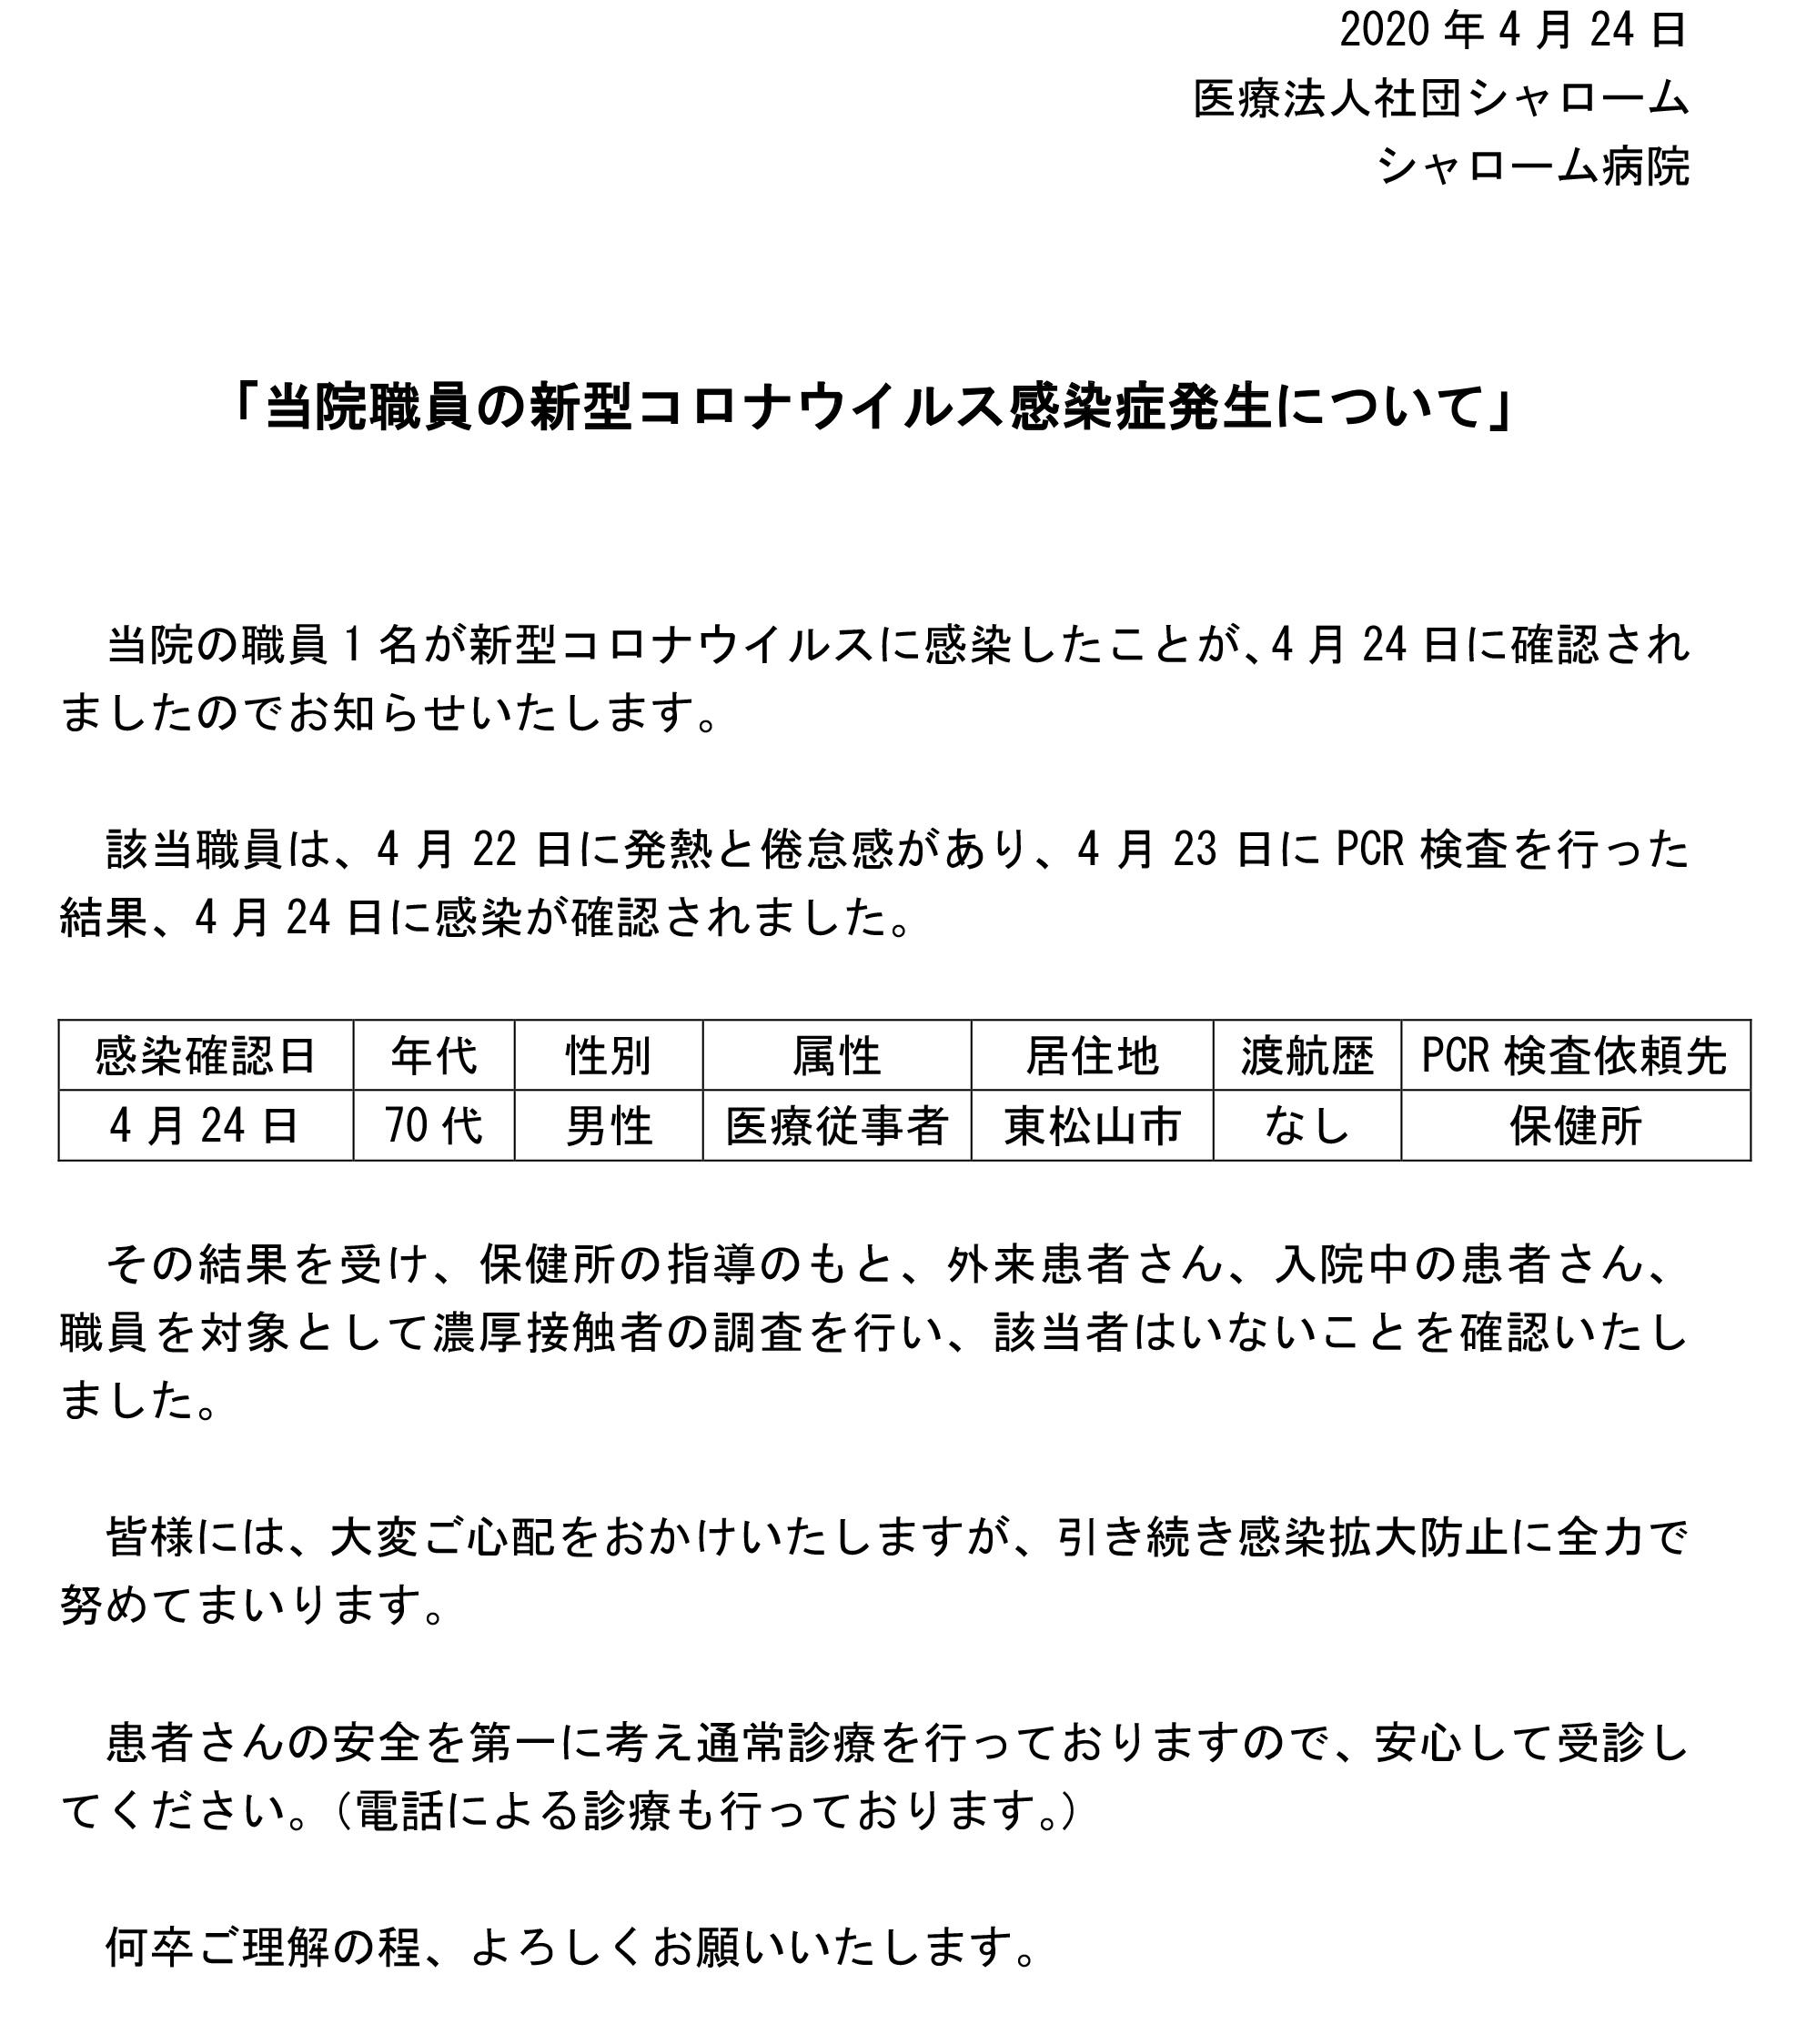 東松山 コロナ 死亡